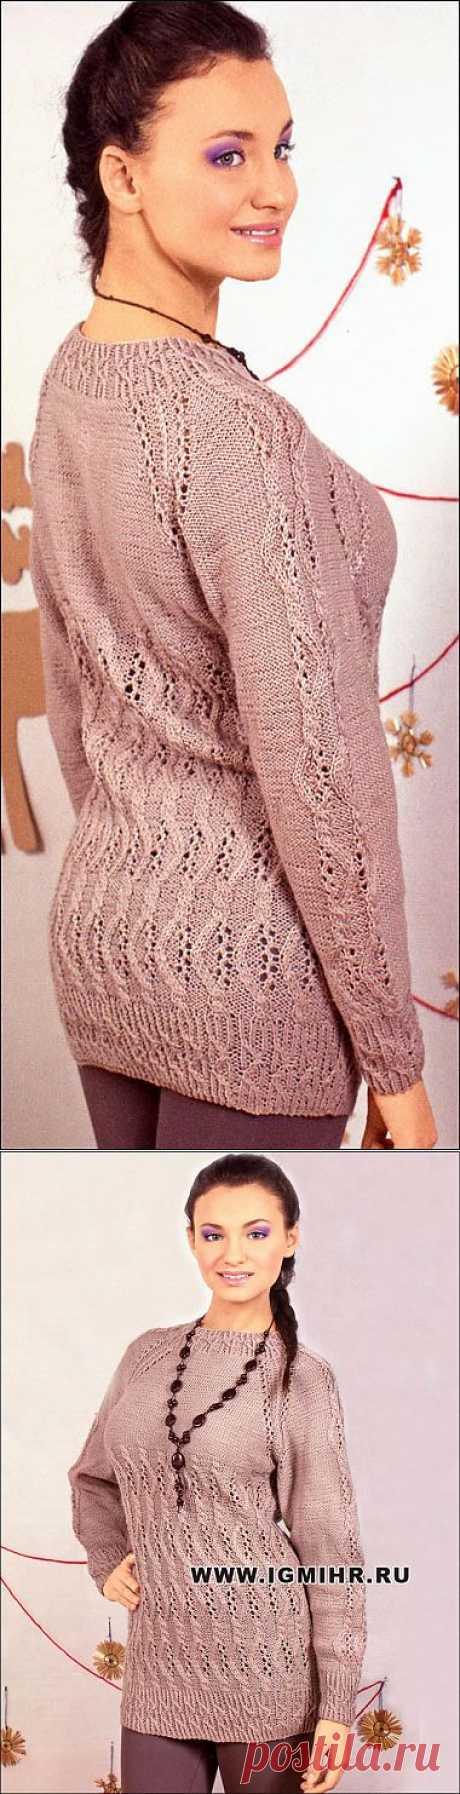 Женственный бежевый пуловер с ажурными узорами. Спицы